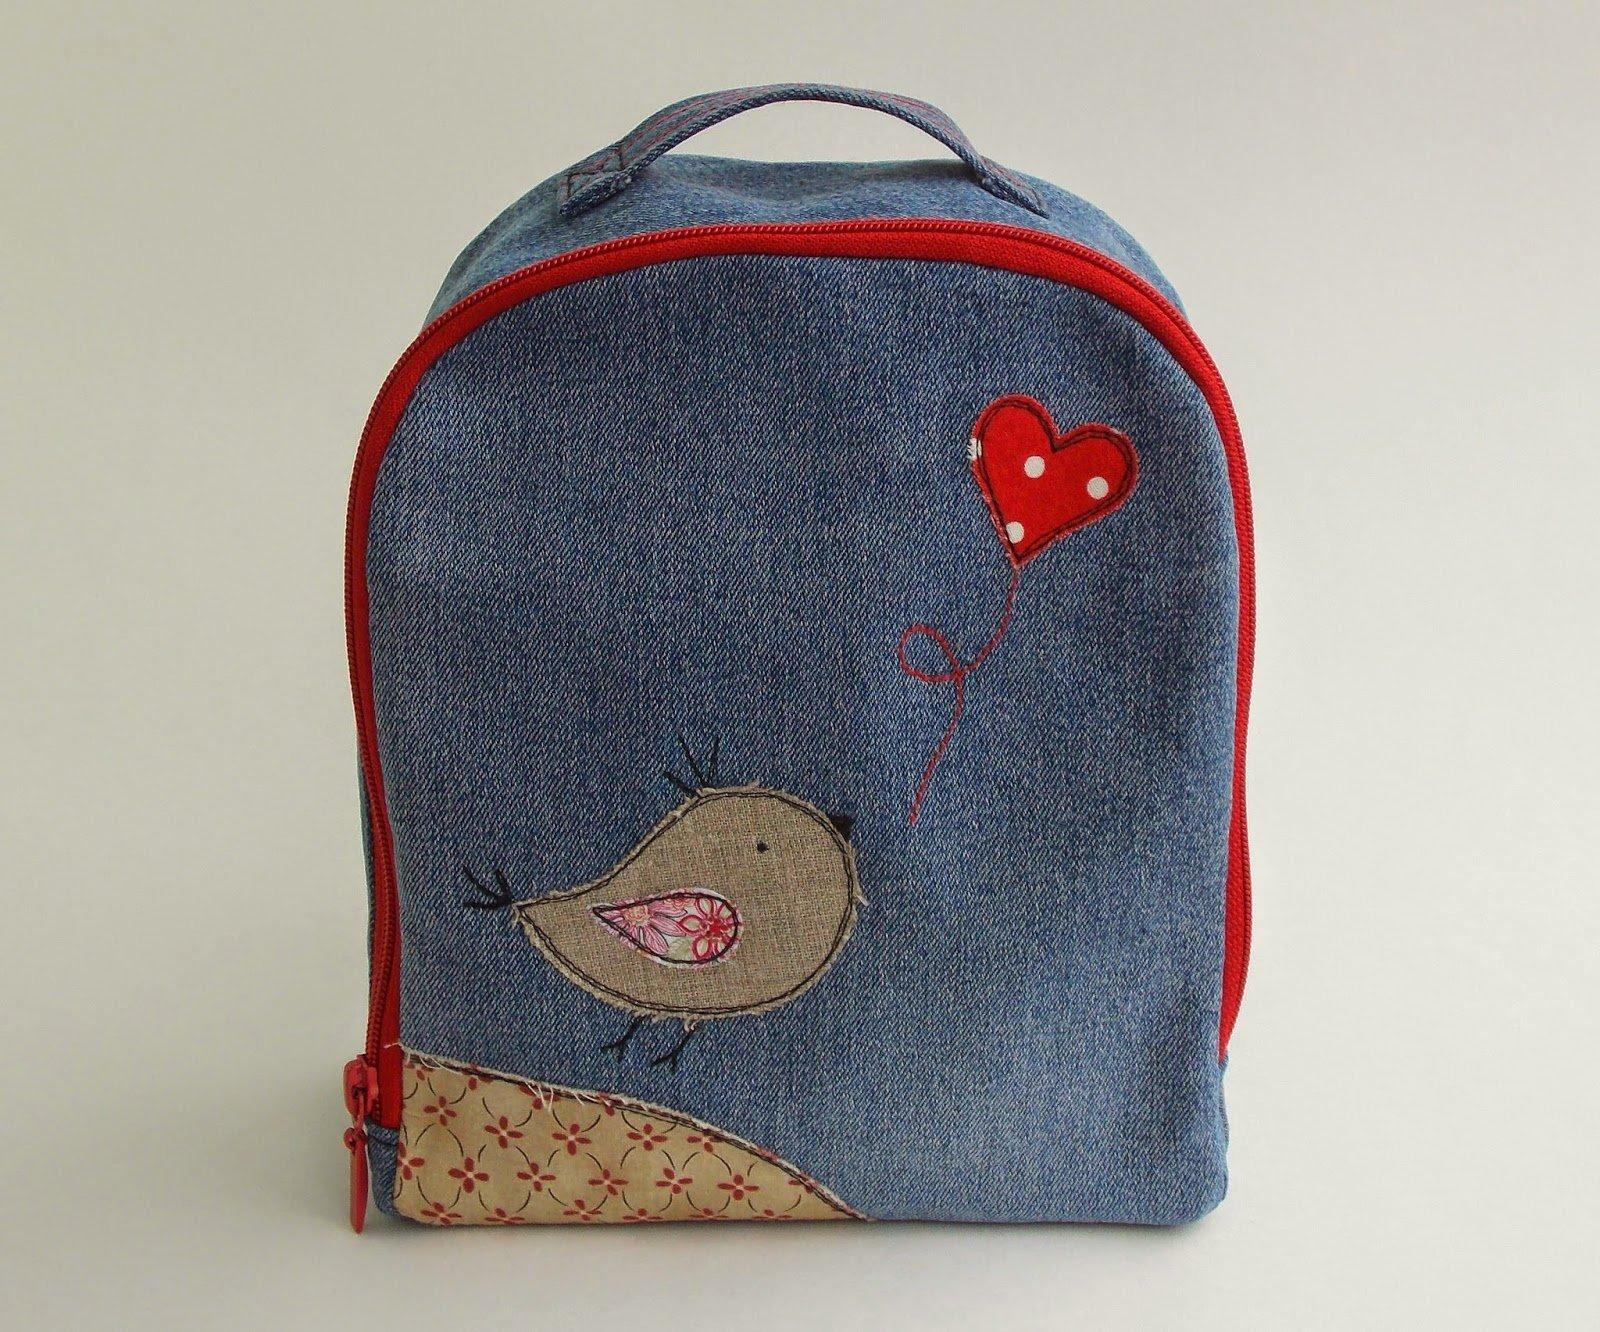 ad9198424f9f Как сшить рюкзак из старых джинсов своими руками (в том числе детский):  выкройки, видео и пр. ]]